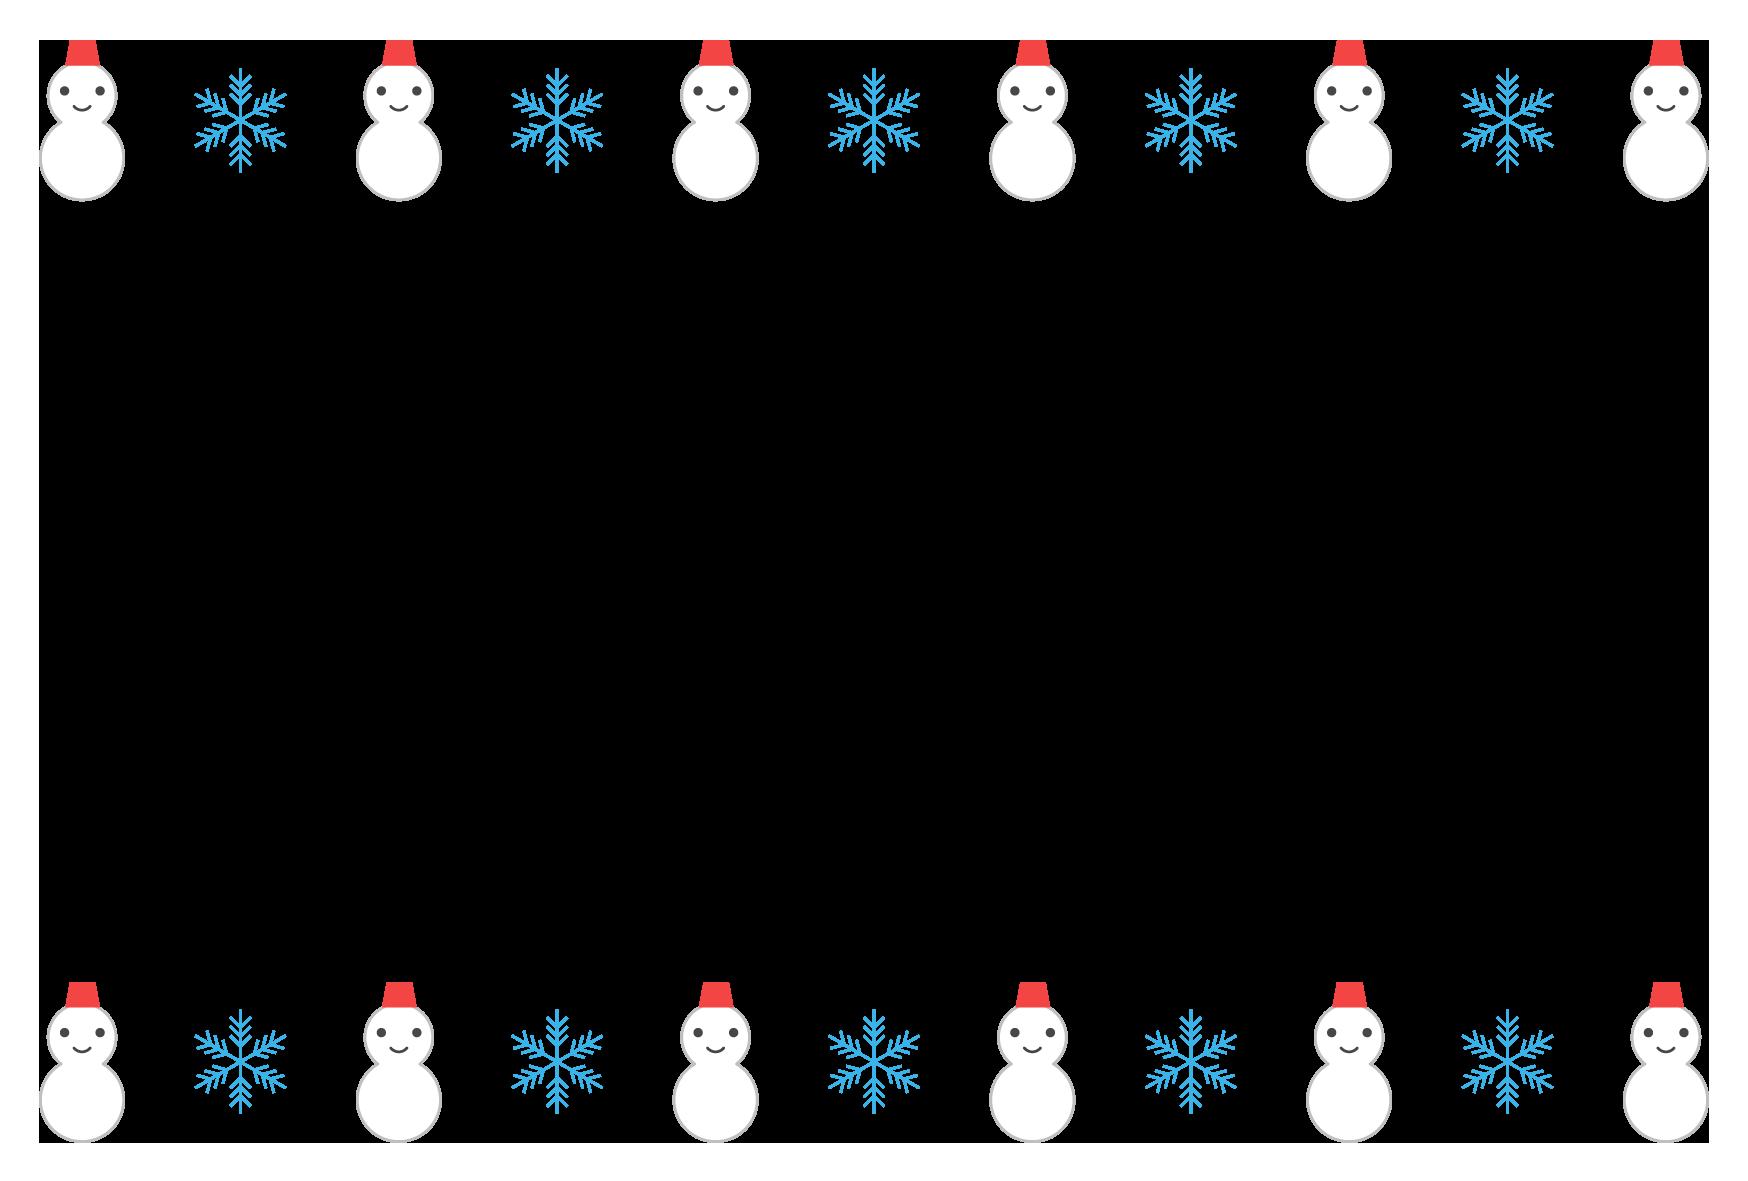 冬(雪だるま)のシンプル枠イラスト-横 <無料> | イラストk